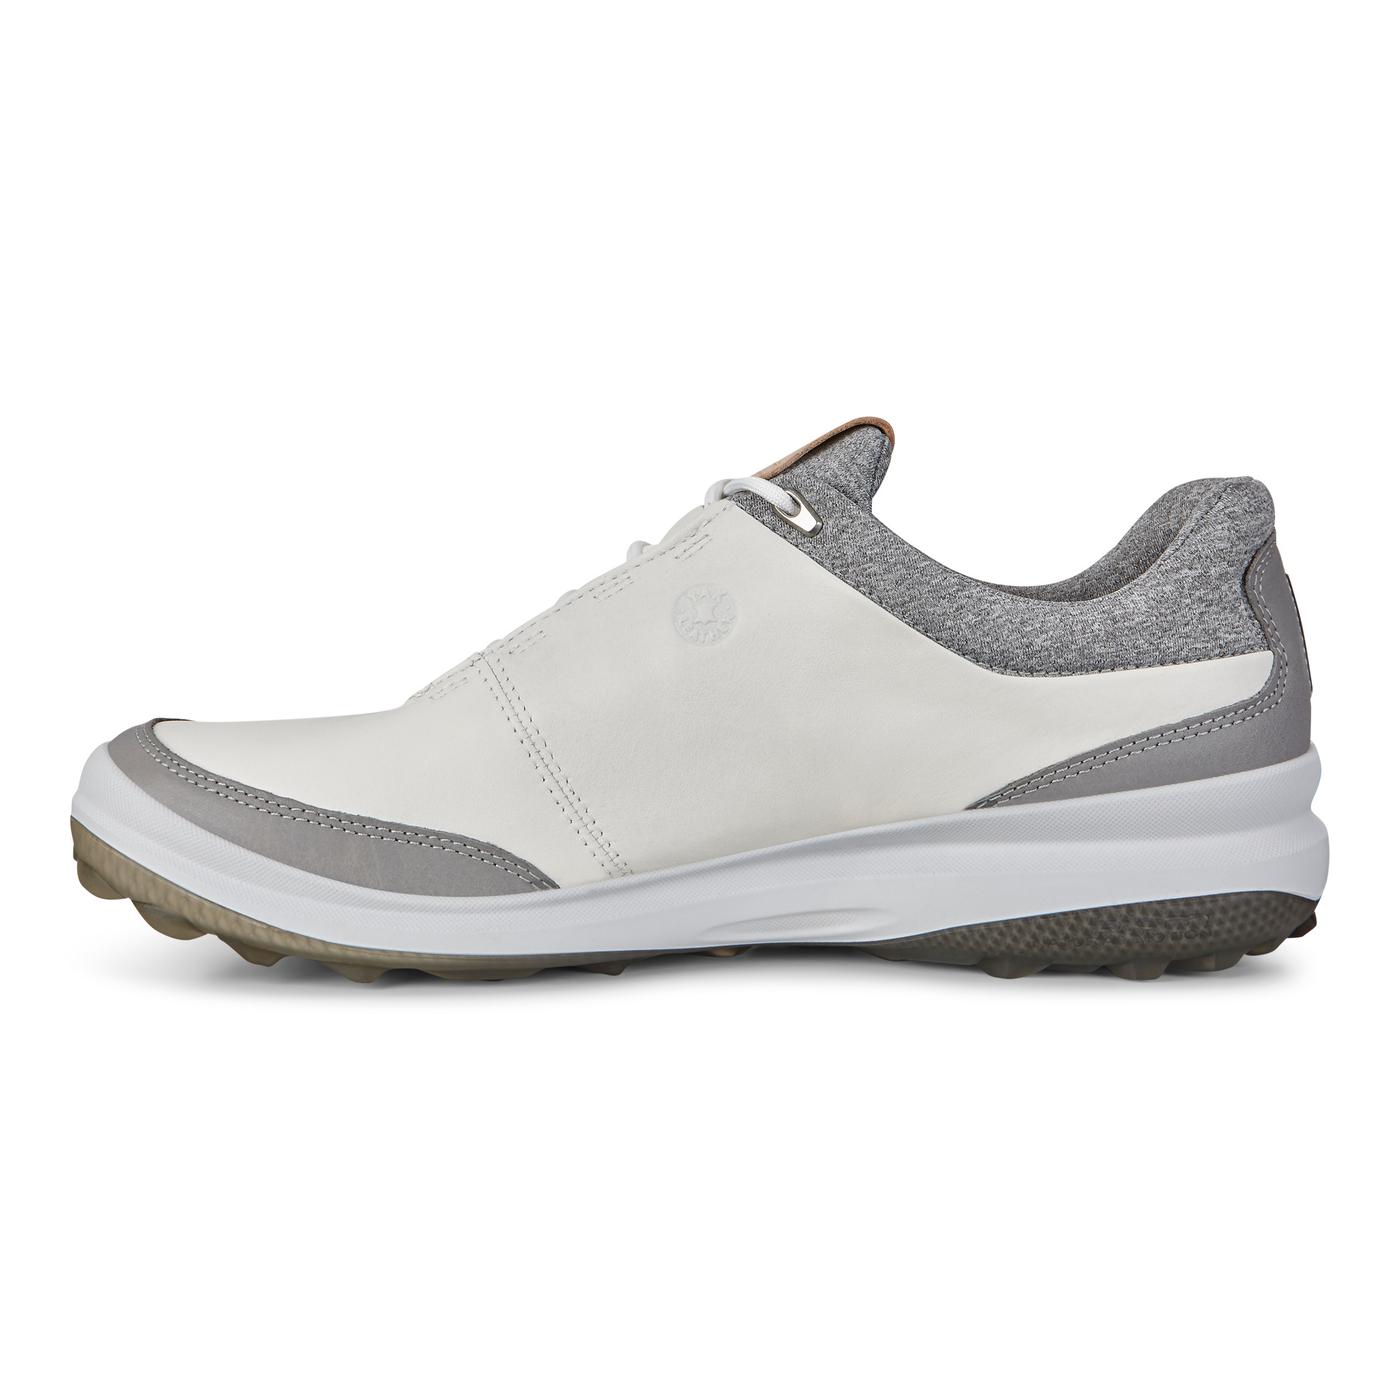 b46a127071599f ECCO Men's BIOM Hybrid GORE-TEX | Golf Shoes | ECCO® Shoes